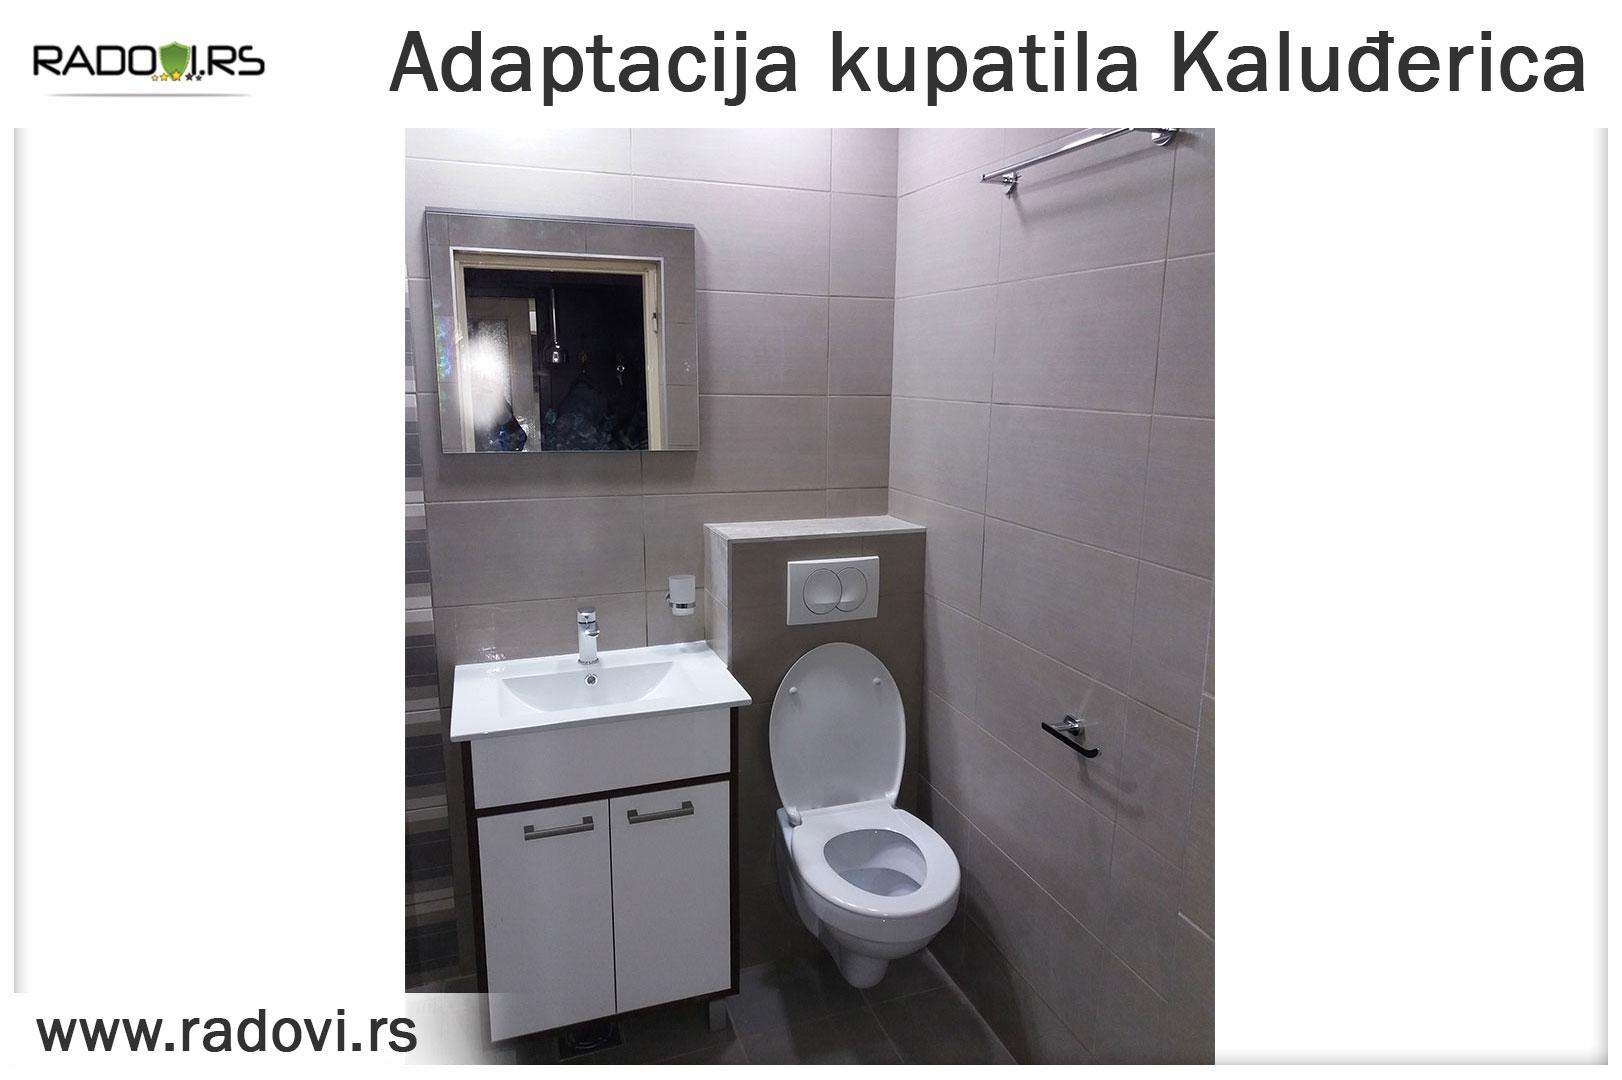 Adaptacija kupatila Kaluđerica - Vodoinstalater Beograd Tim